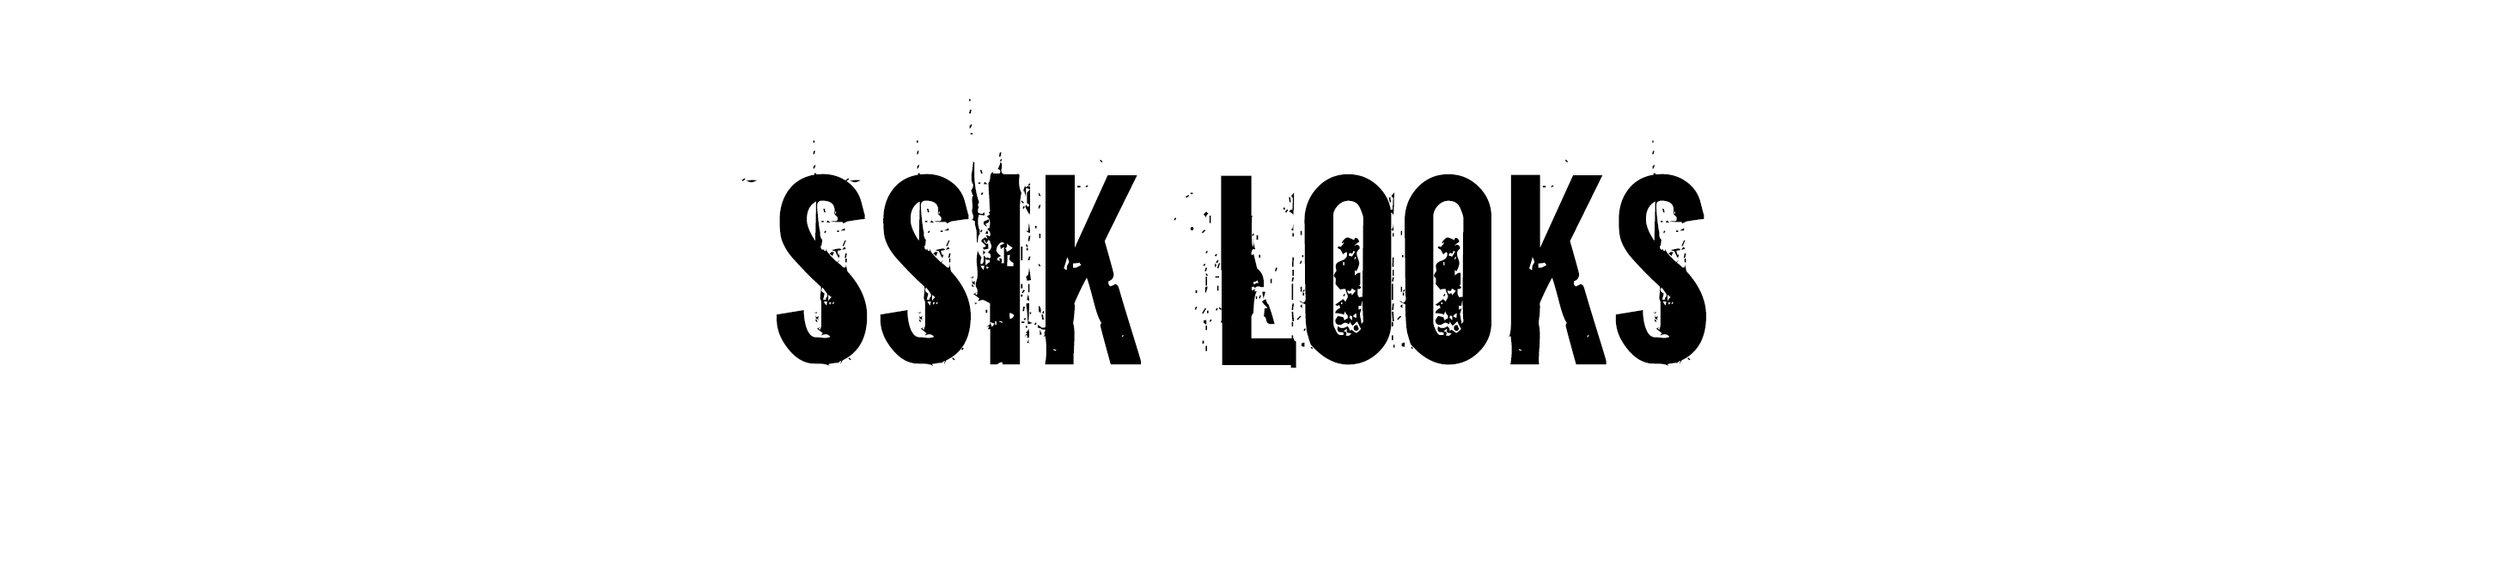 ssik looks.jpg